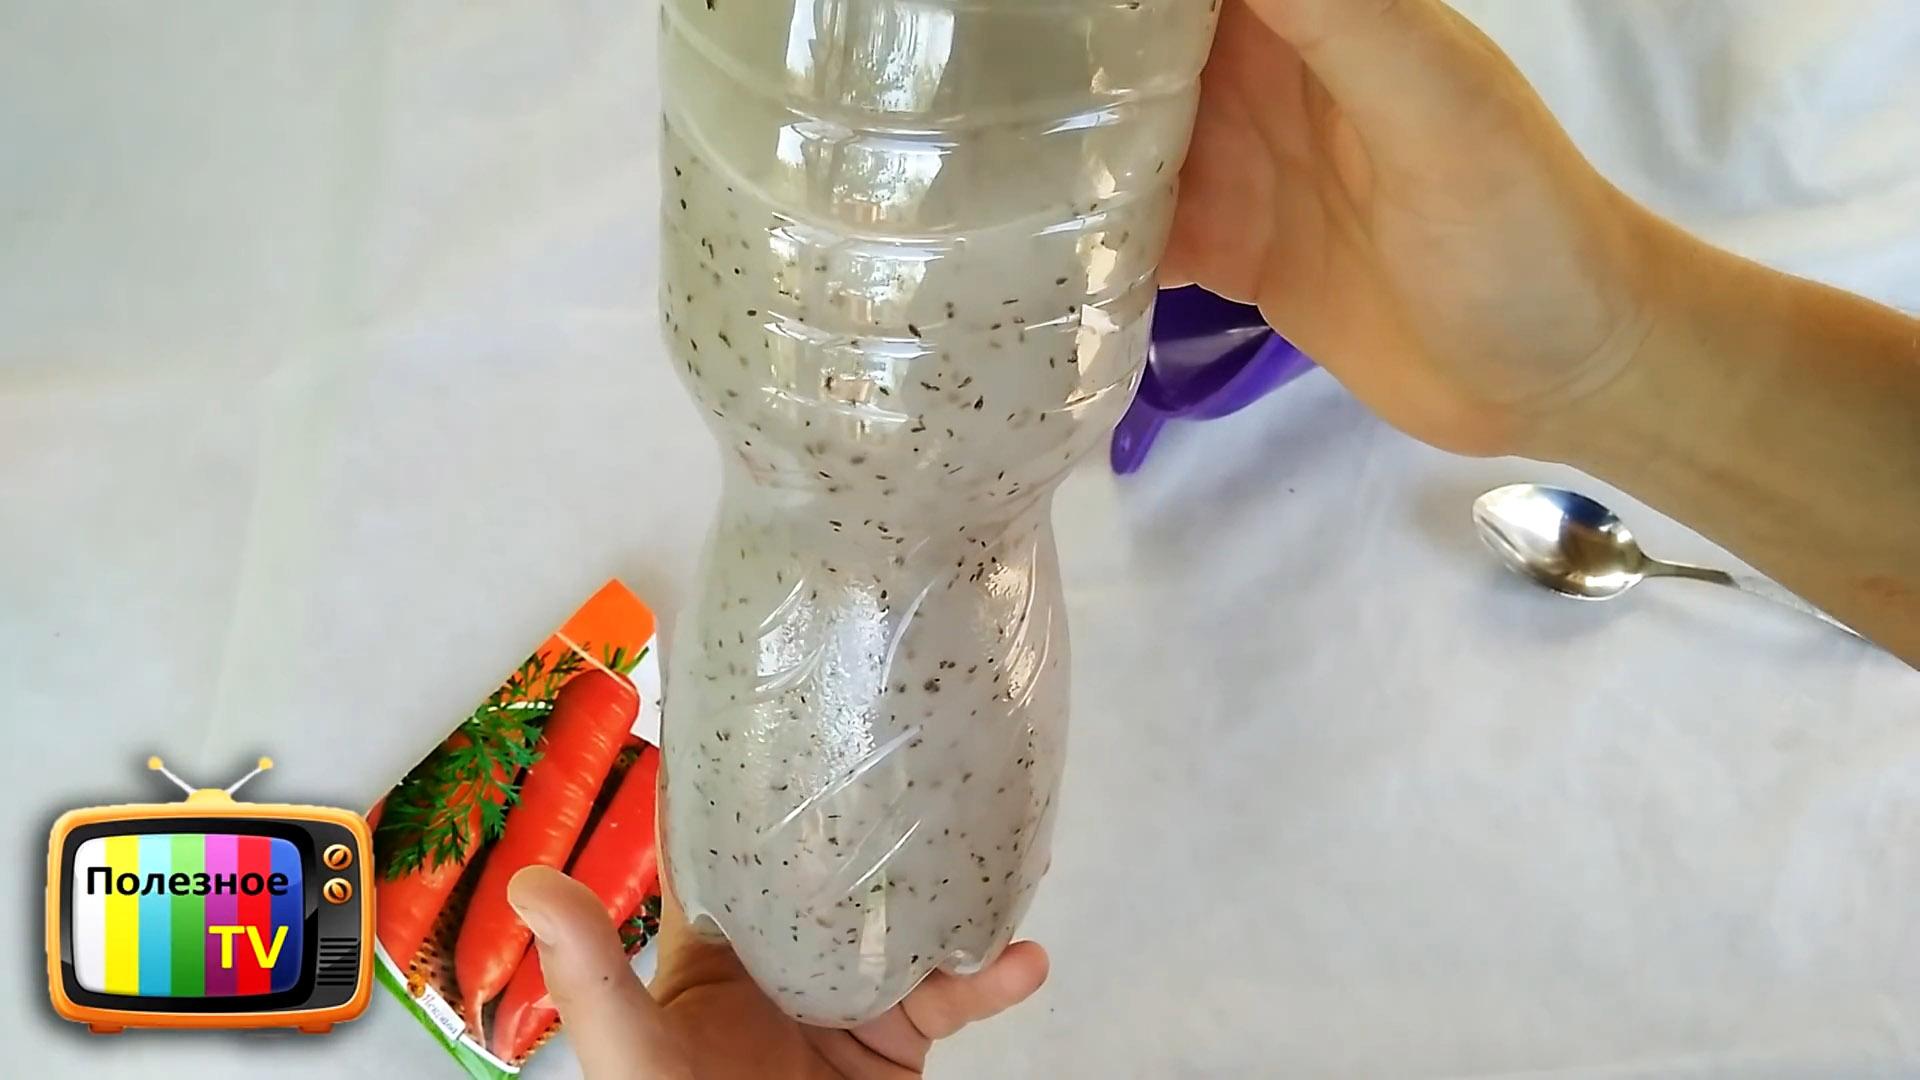 Лайфхак огороднику: быстрая посадка моркови без прореживания